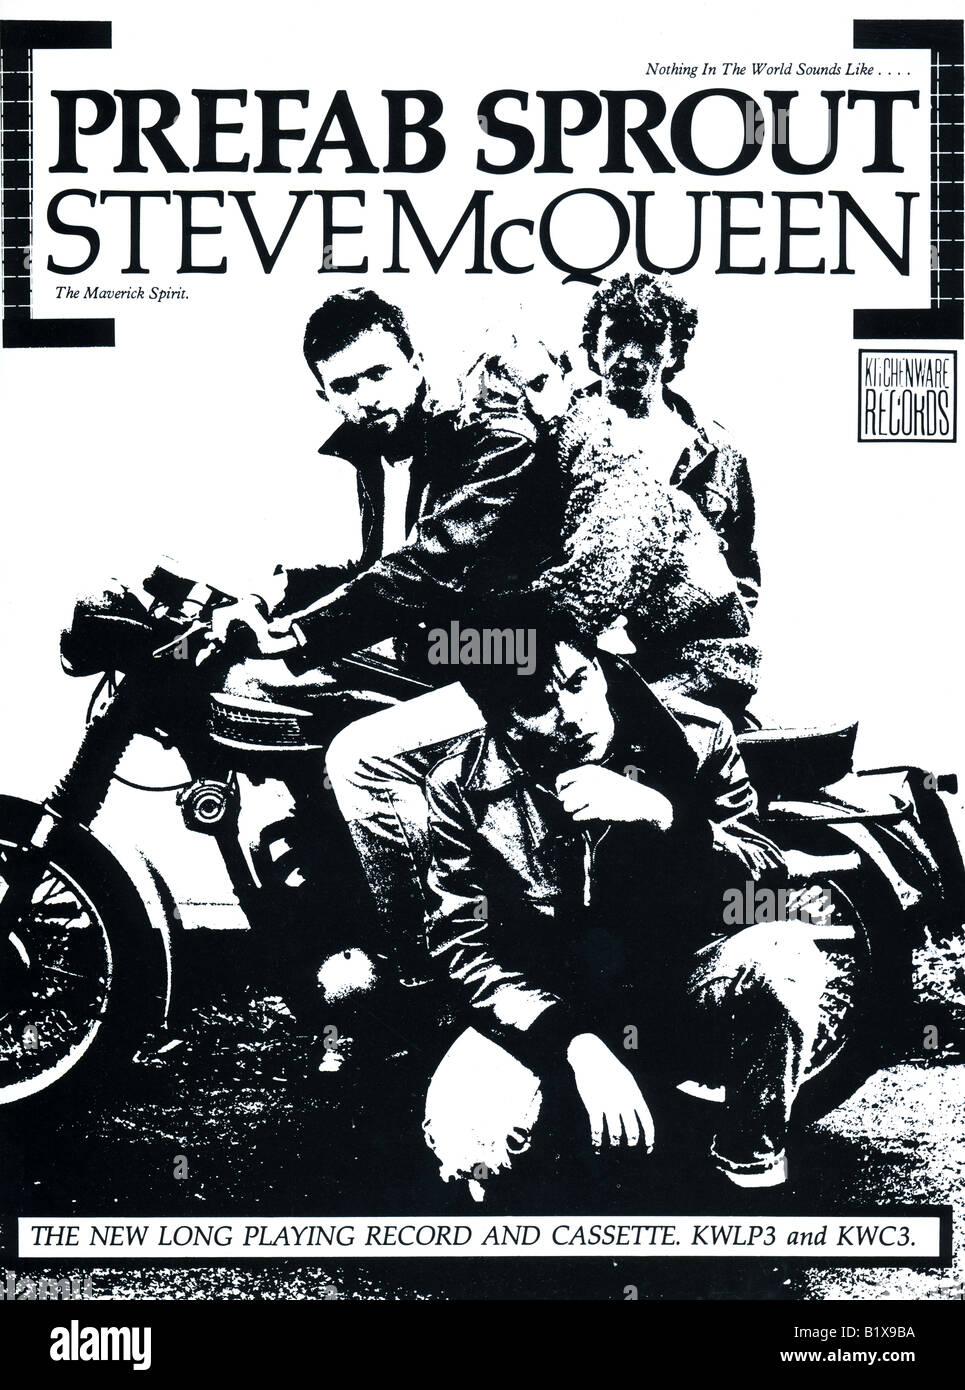 1980 1985 annonce de nouveaux ustensiles Records album Steve McQueen par Préfab Sprout pour un usage éditorial Photo Stock